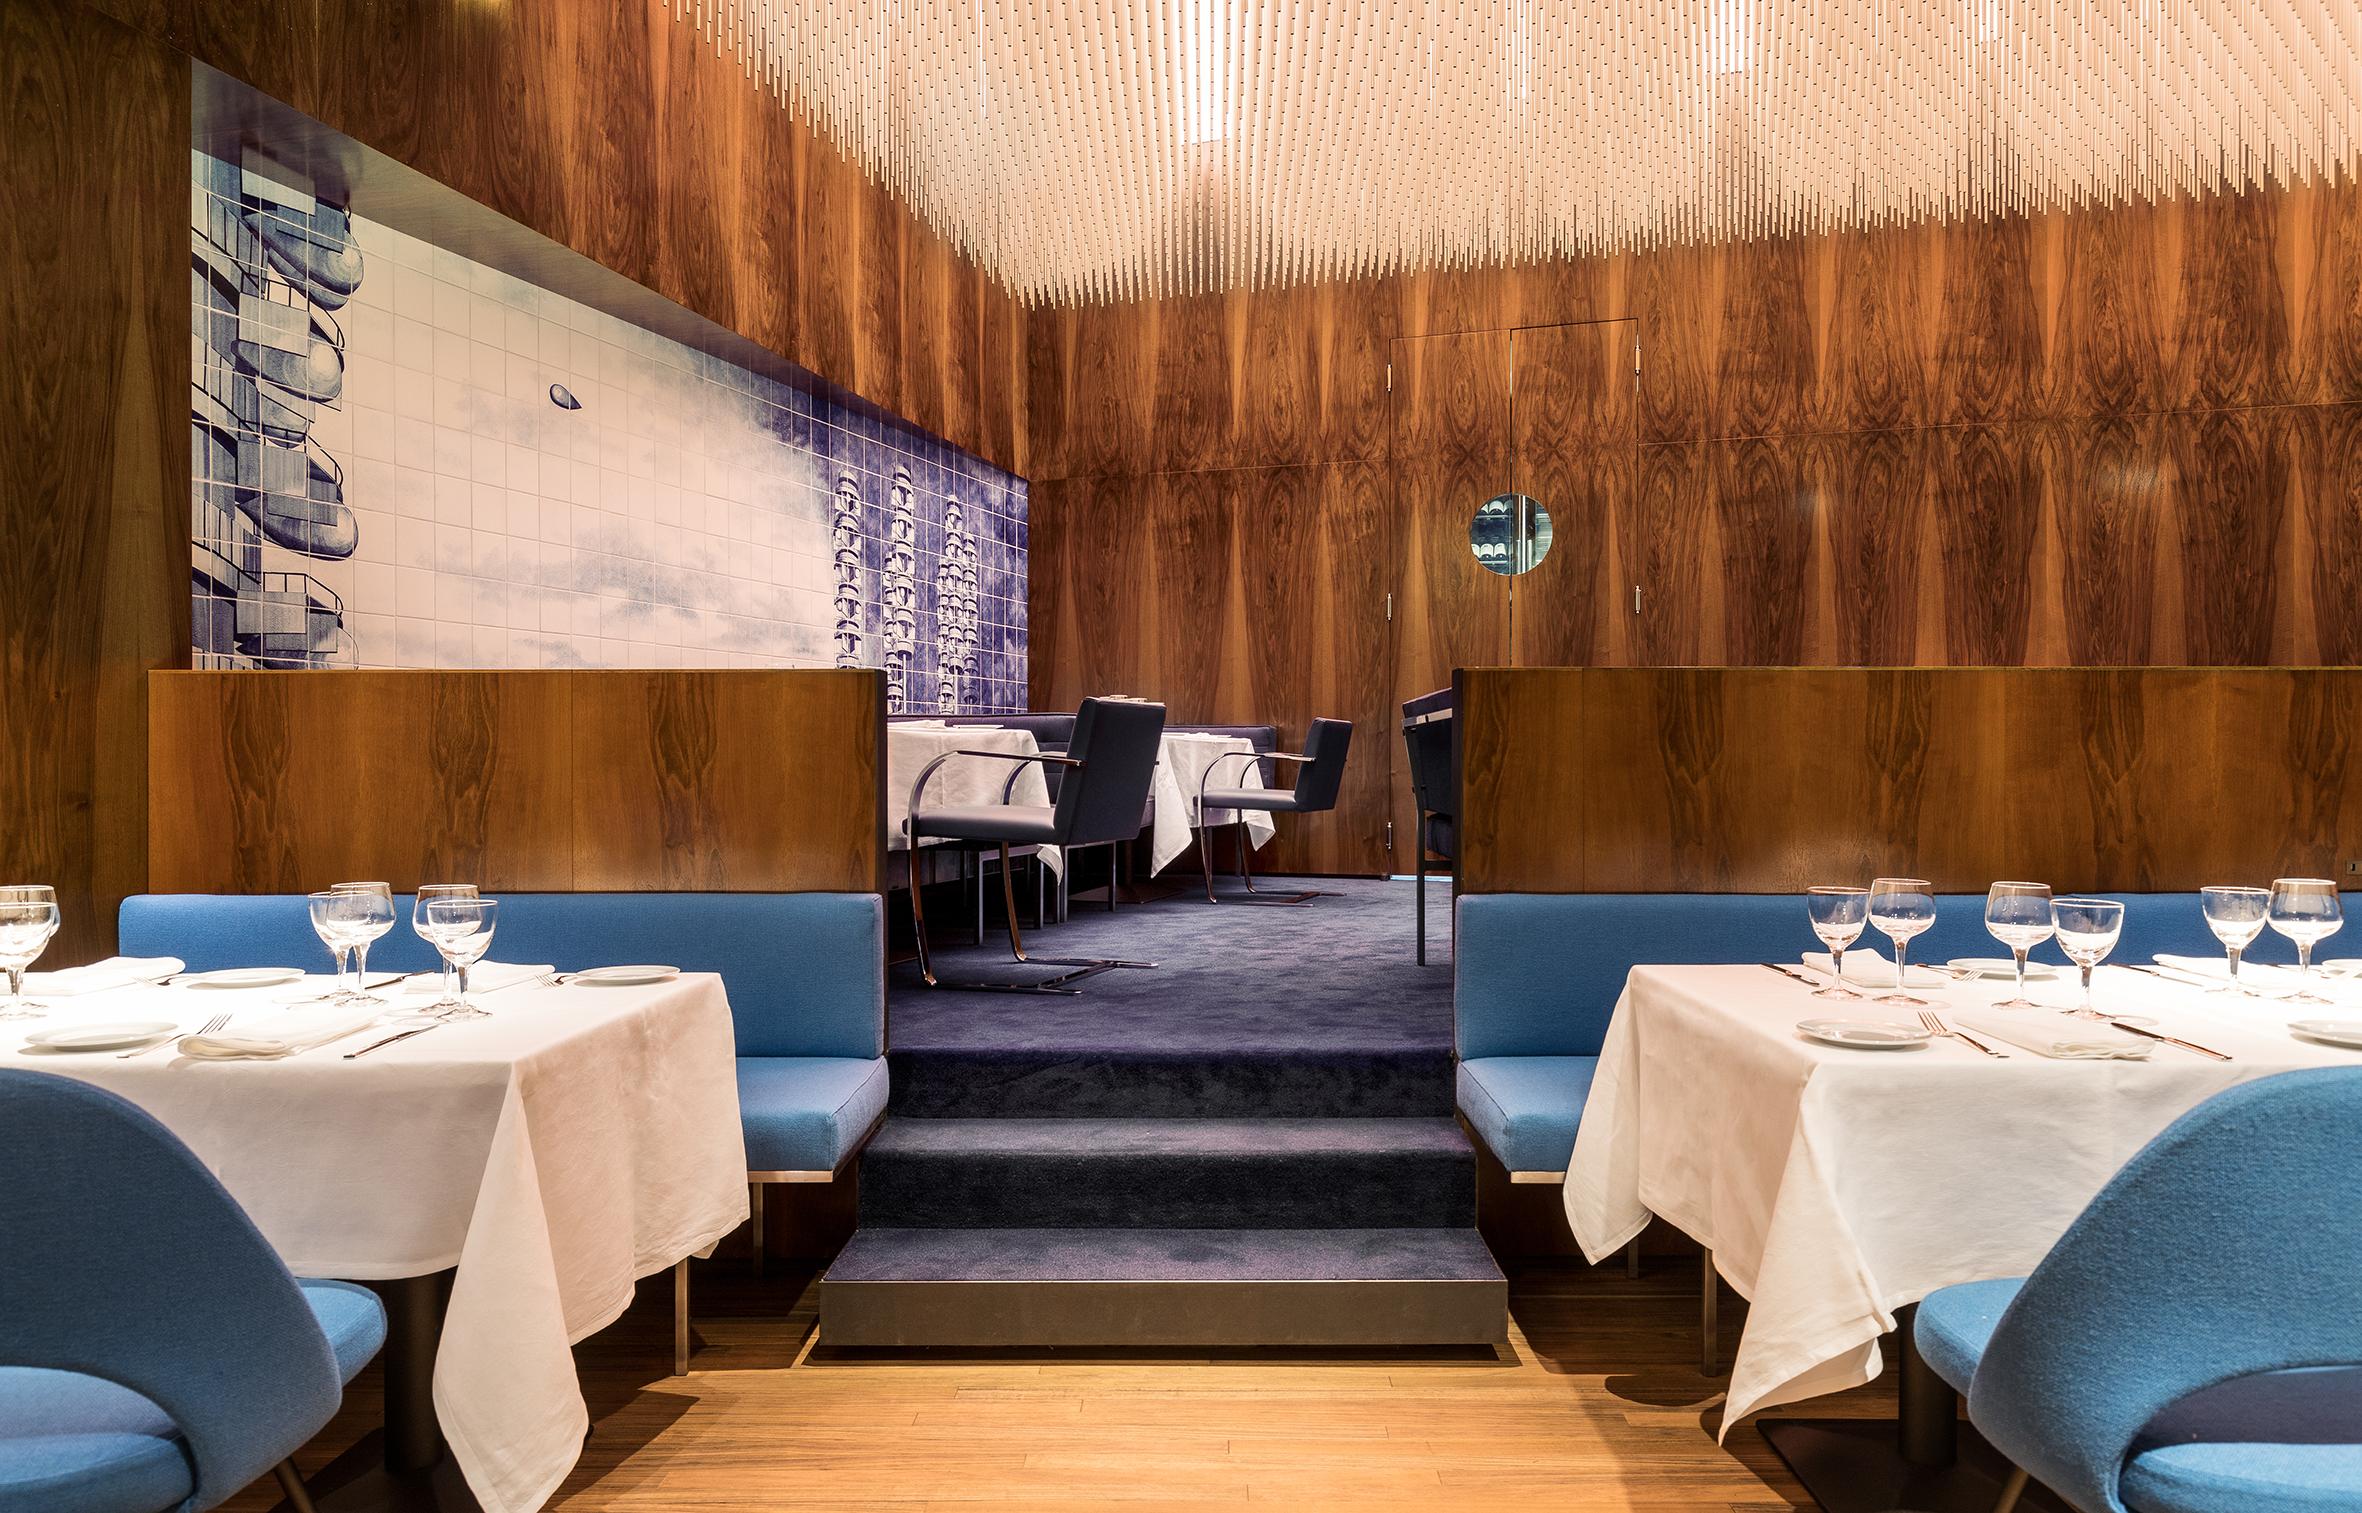 Design Per Ristoranti : Idee per contract pub ristoranti · pizzimenti progetto mobile